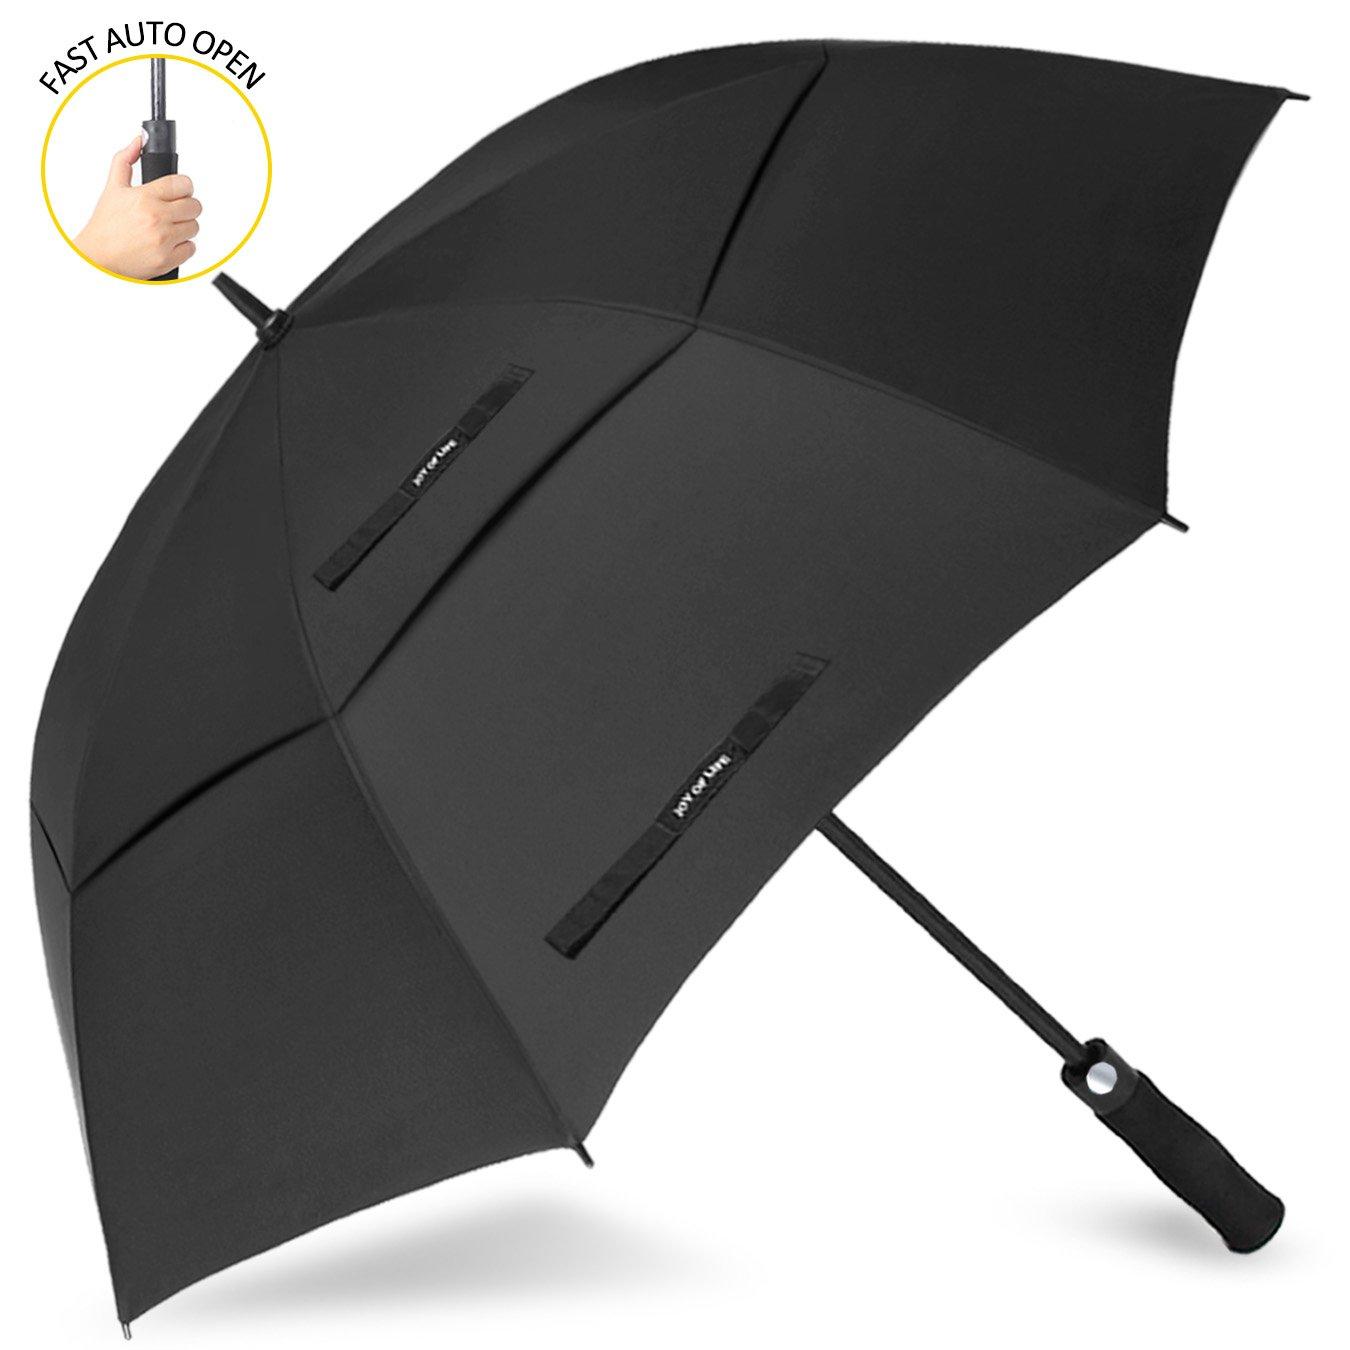 ゴルフ傘 長傘 ワンタッチ 自動開け大きな傘 100cm 梅雨対策 台風対応 ビジネス用 メンズ B075D8QNLG黒 傘の長さ110cm(68inches)